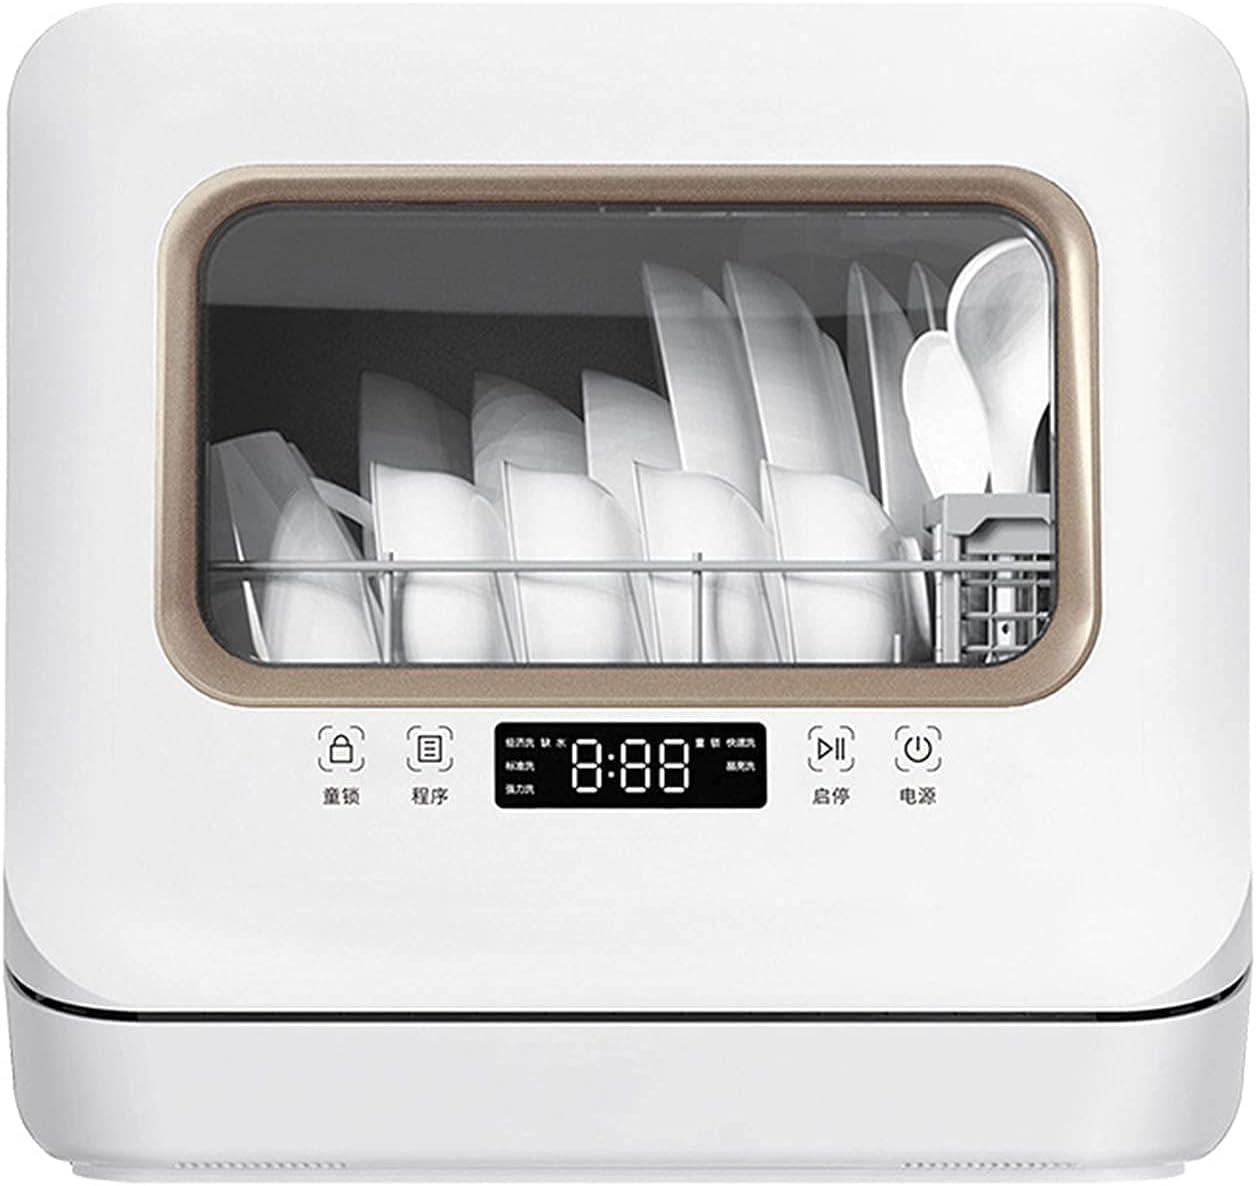 MOSHUO Mini lavavajillas, lavaplatos Compacto de Mesa con 5 configuraciones de Limpieza, Pantalla LED, Silencio, Modo Dual, Almacenamiento de Entrada de Agua, vajilla, Armario para cocinas caseras